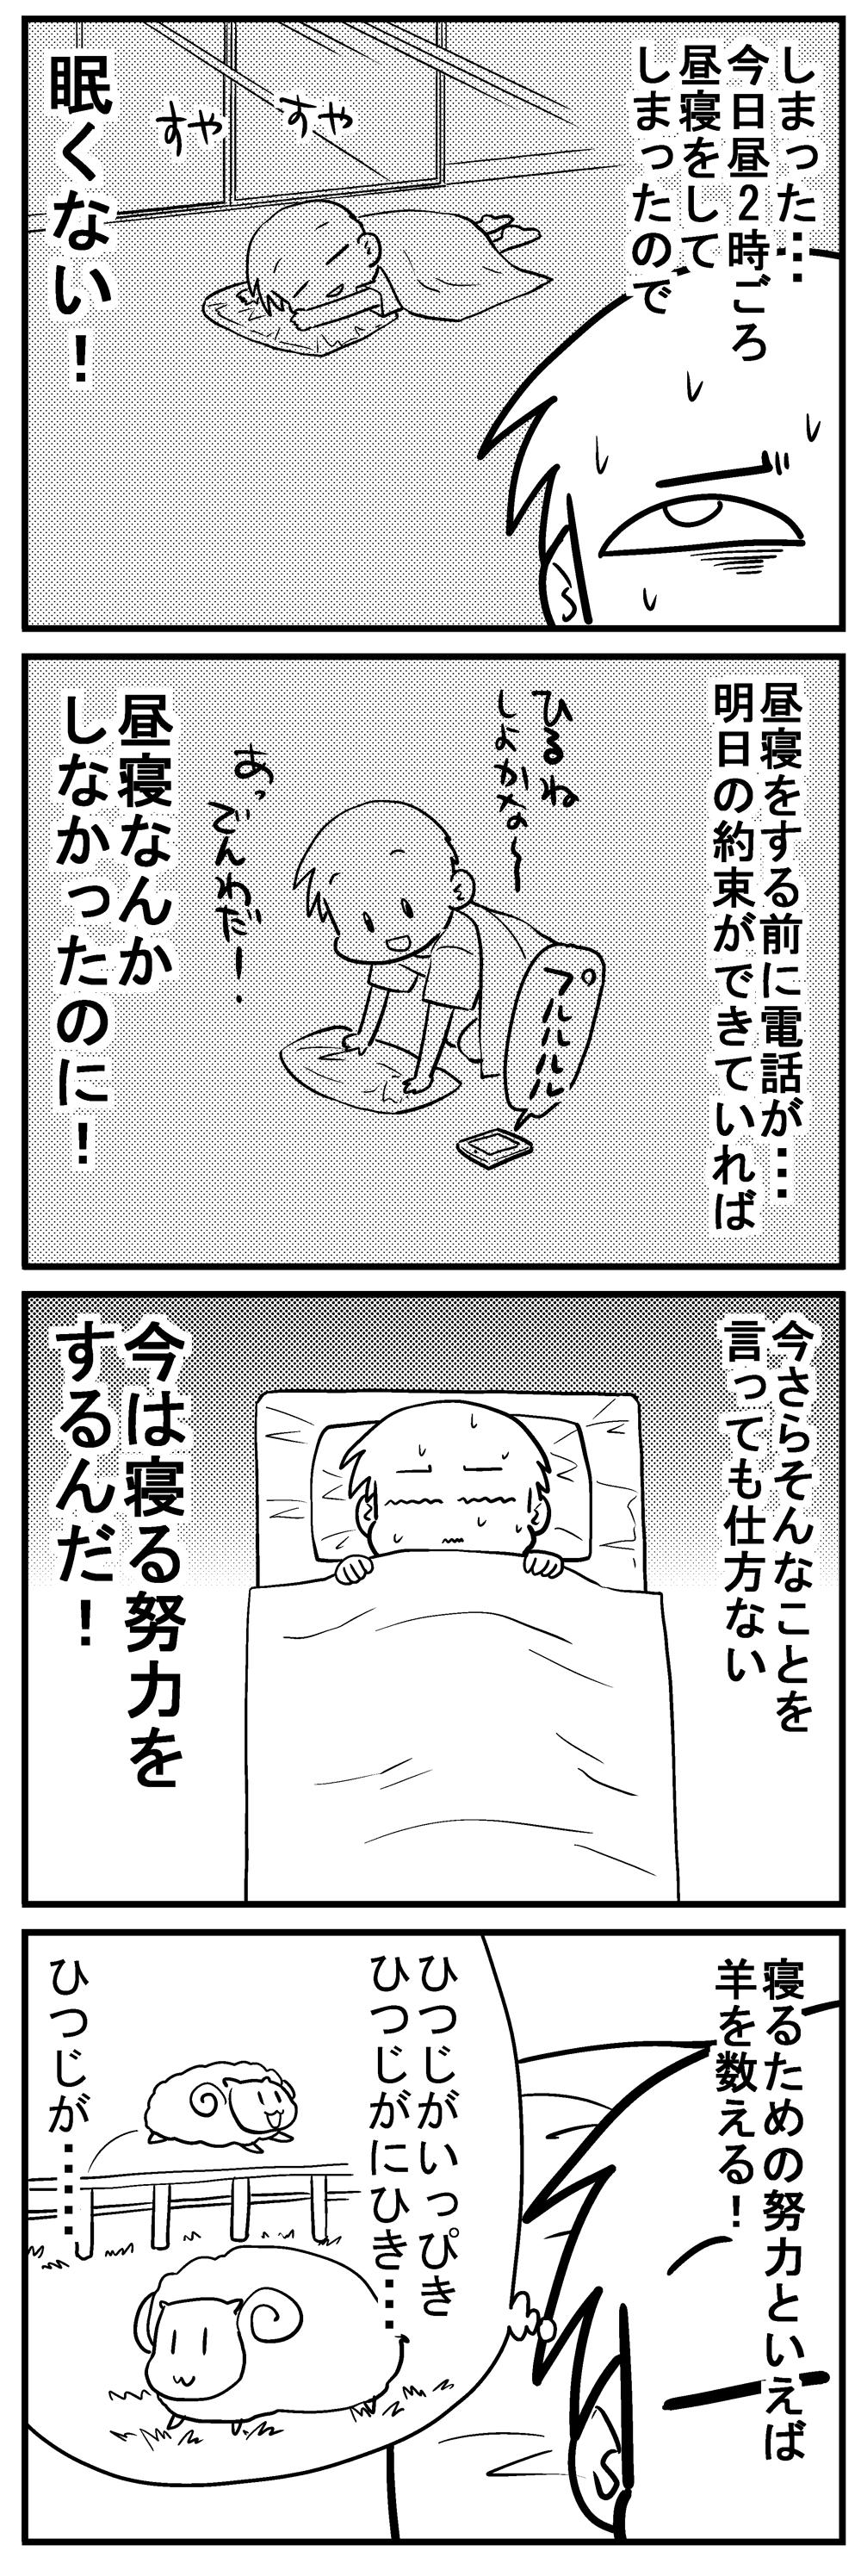 深読みくん67-2